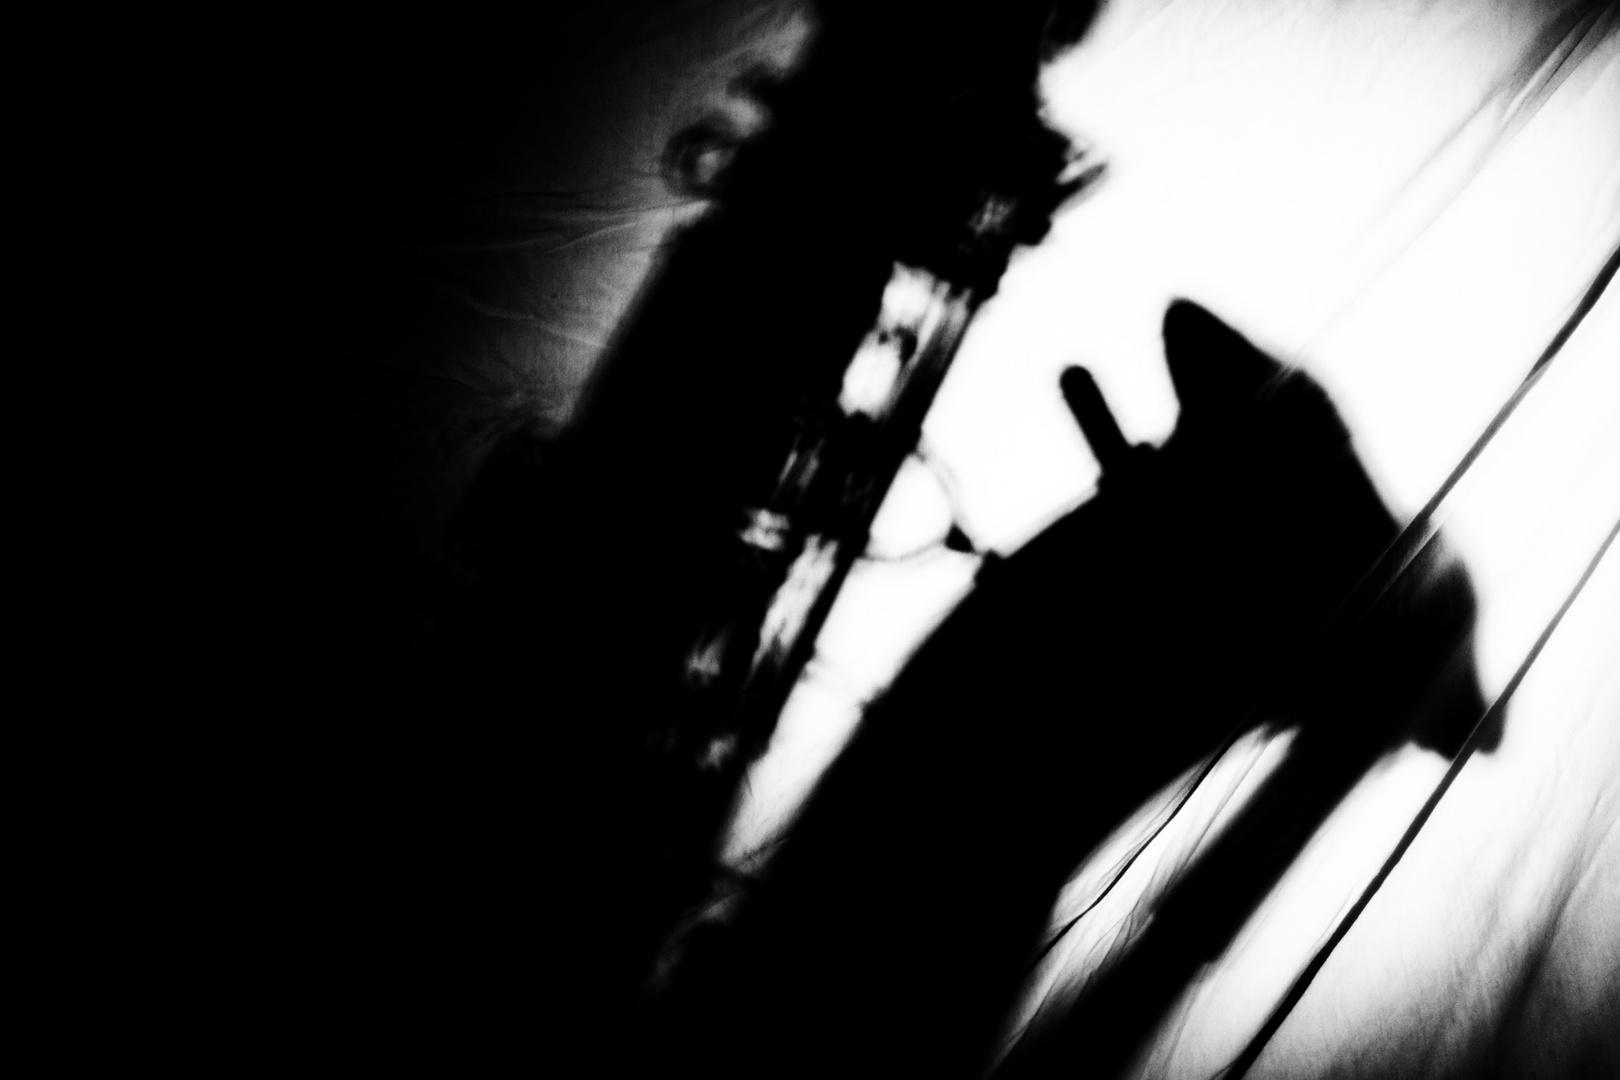 Schattenwurf auf Leinen